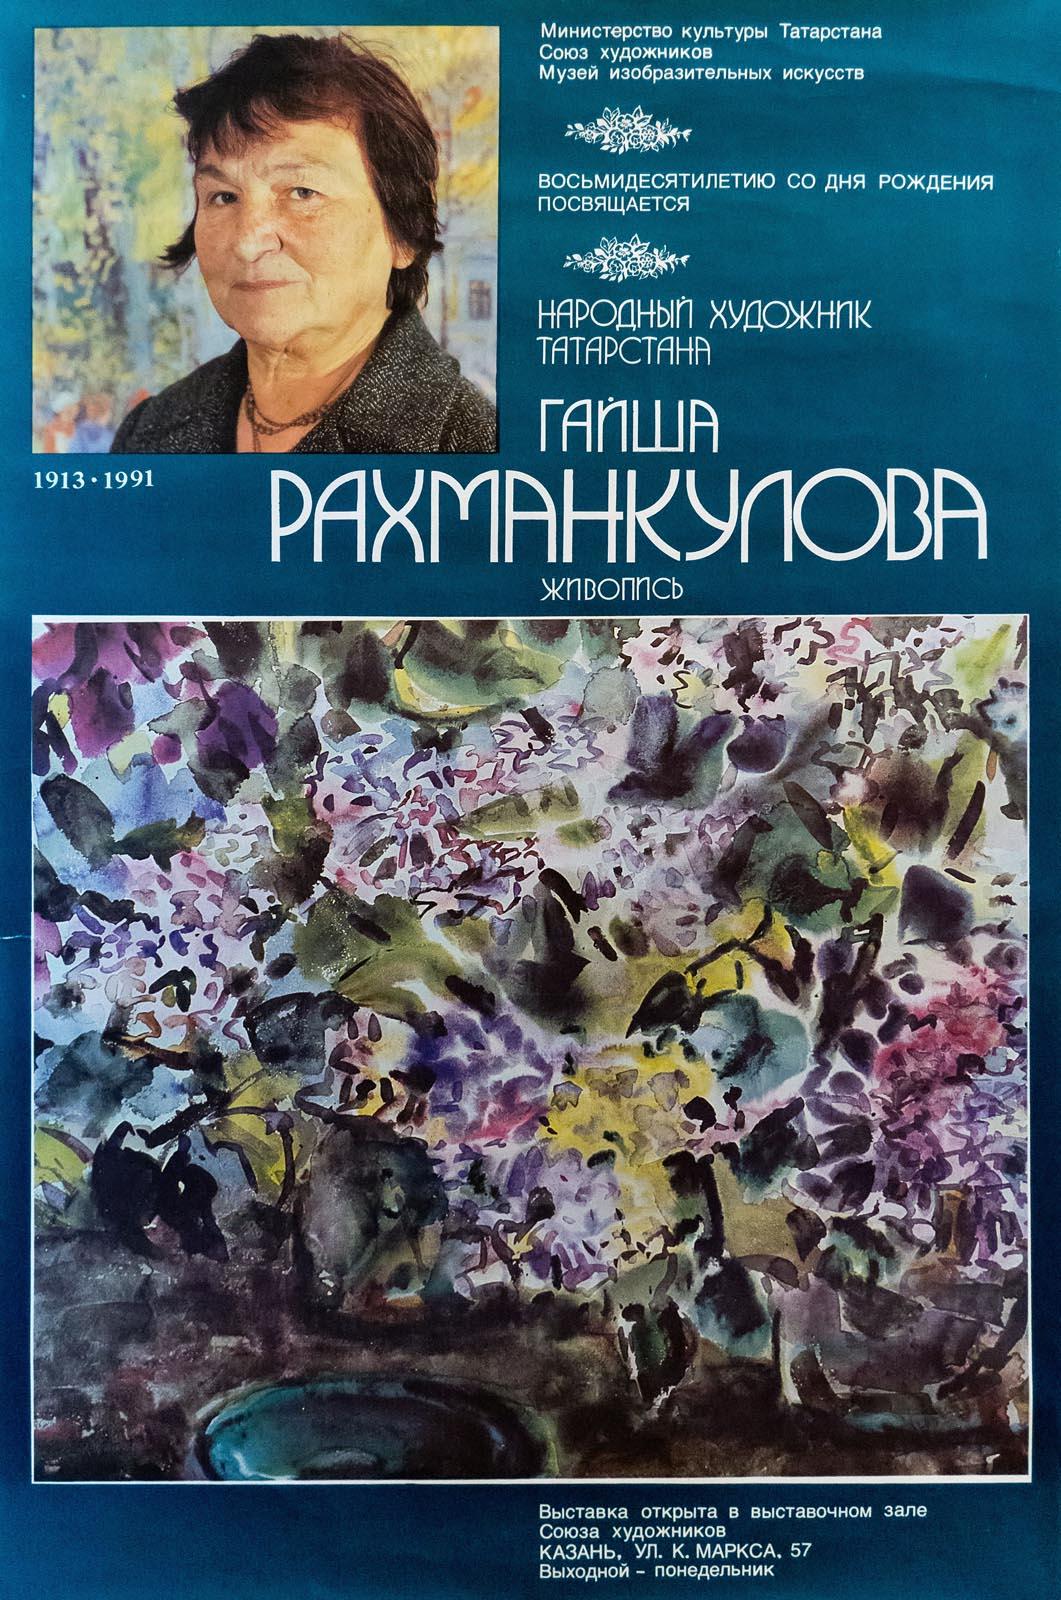 Фото №301836. Art16.ru Photo archive